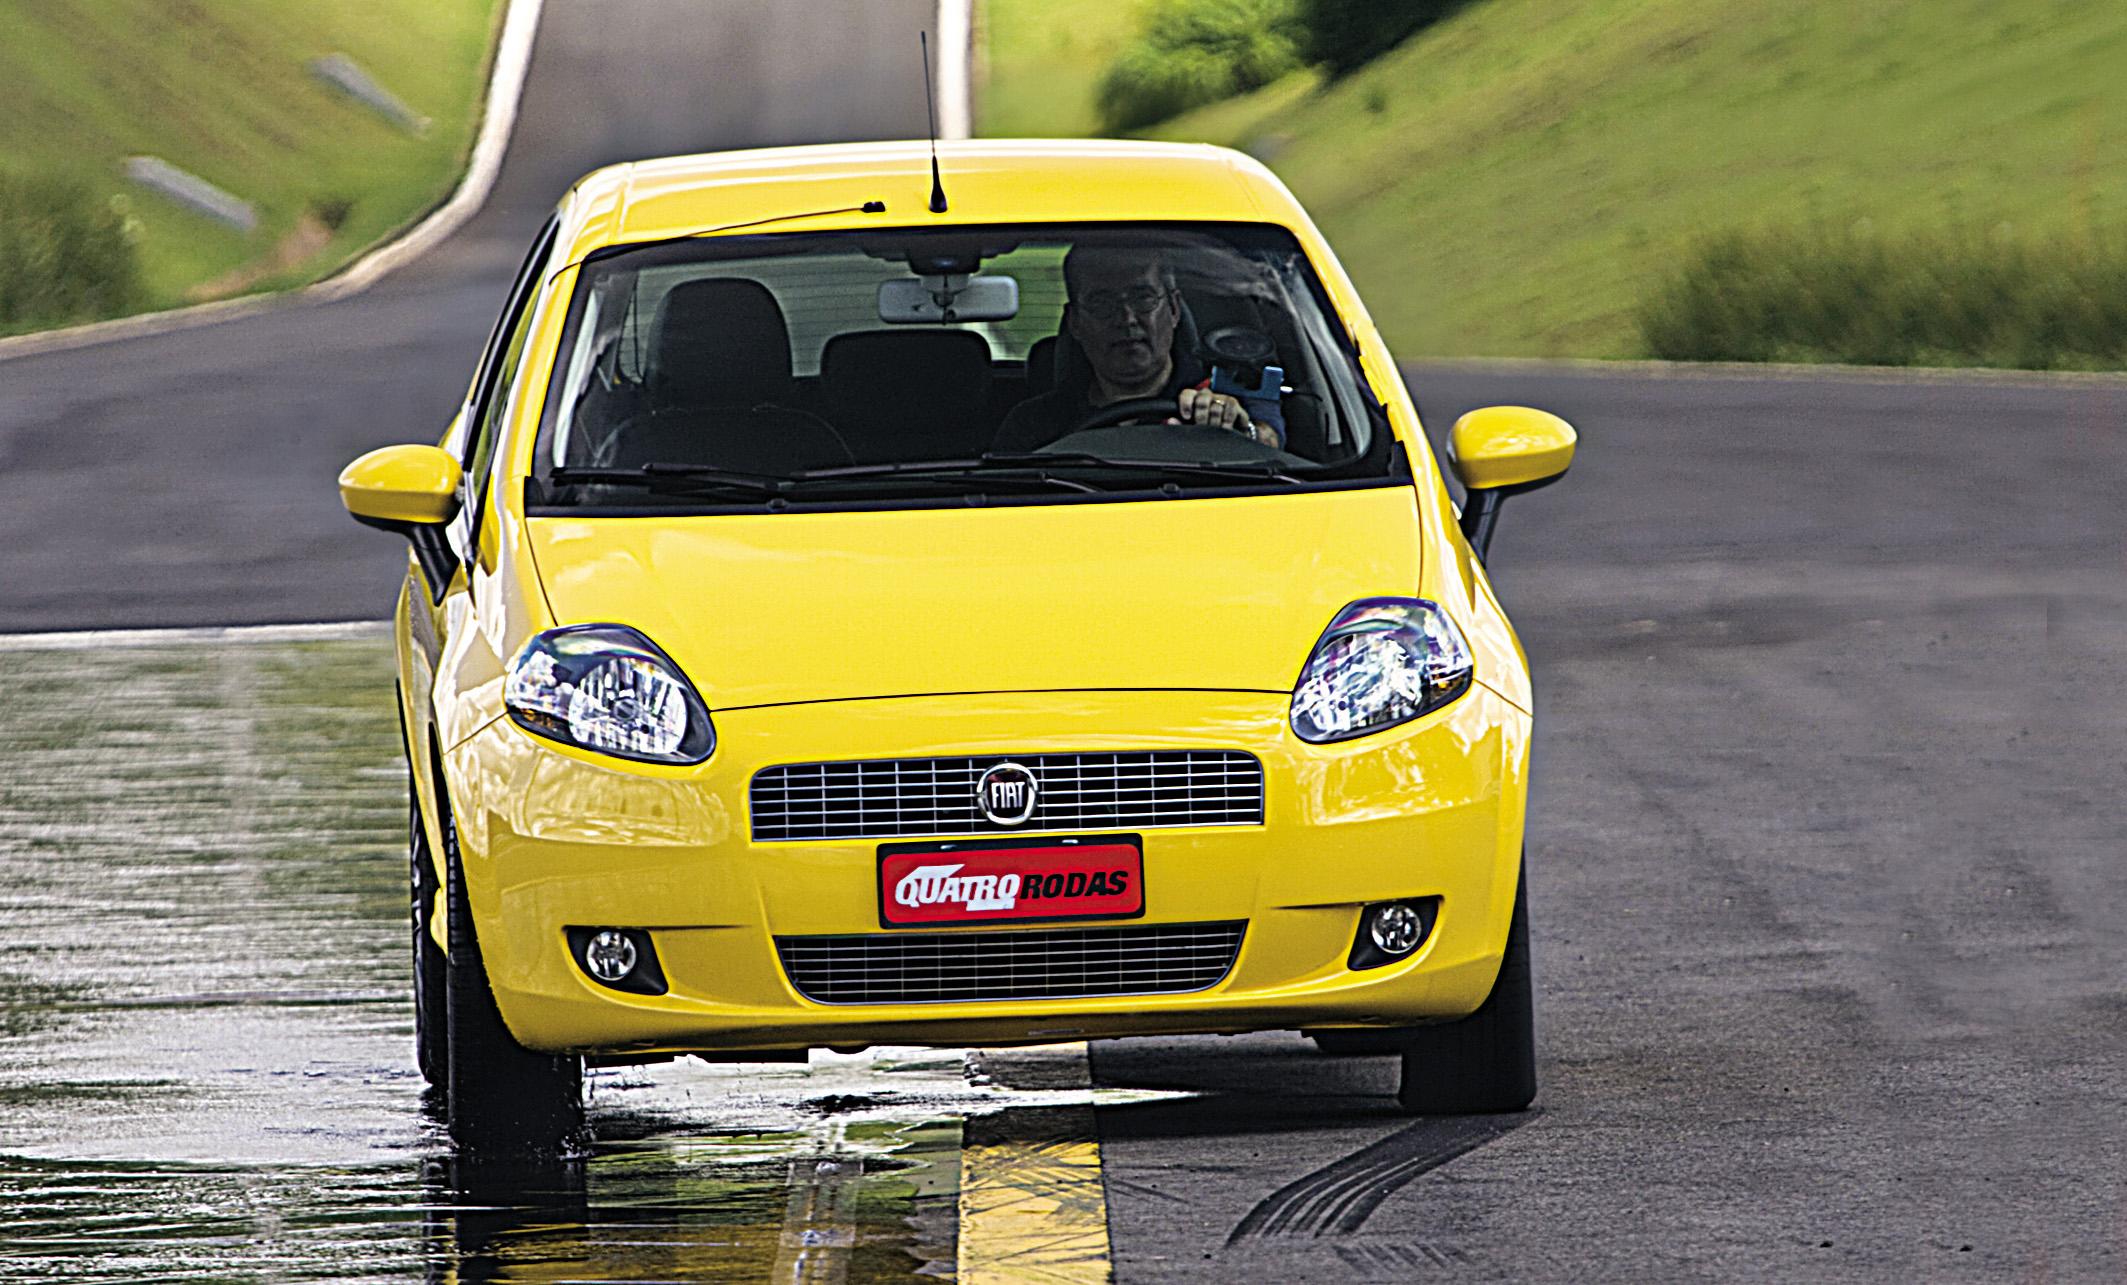 Punto Sporting, modelo 2008 da Fiat, durante teste de frenagem em piso molhado, feito pela revista Quatro Rodas.